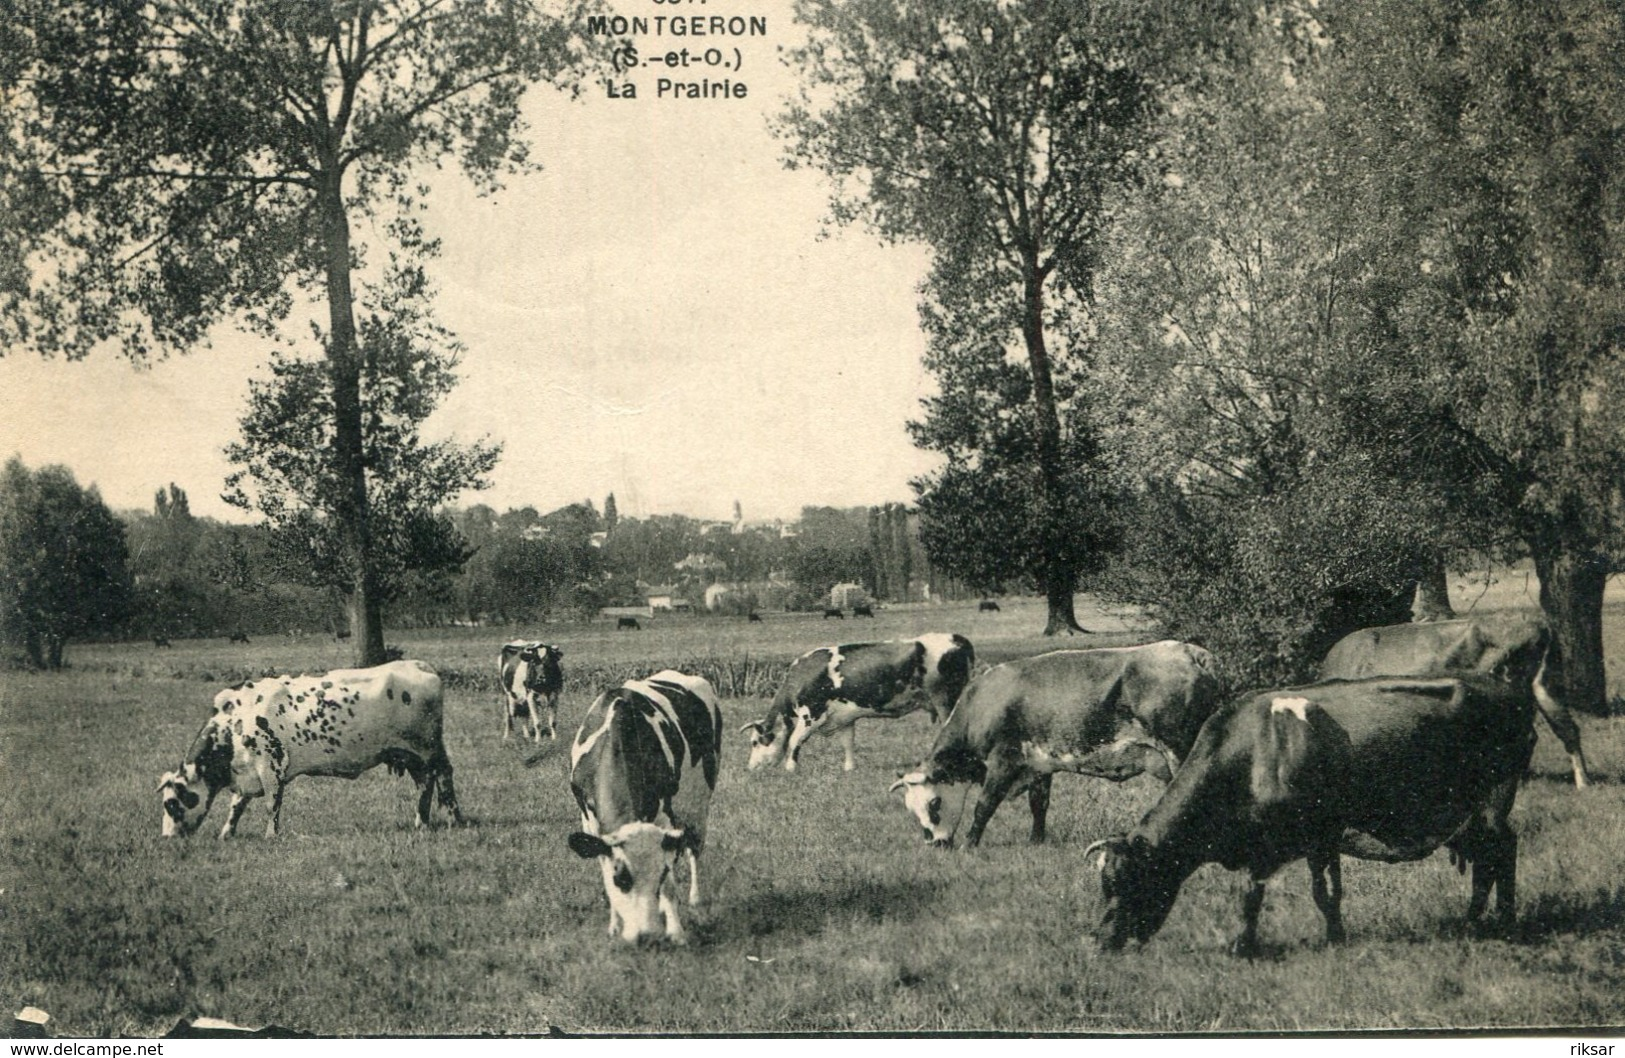 VACHE(MONTGERON) - Vaches